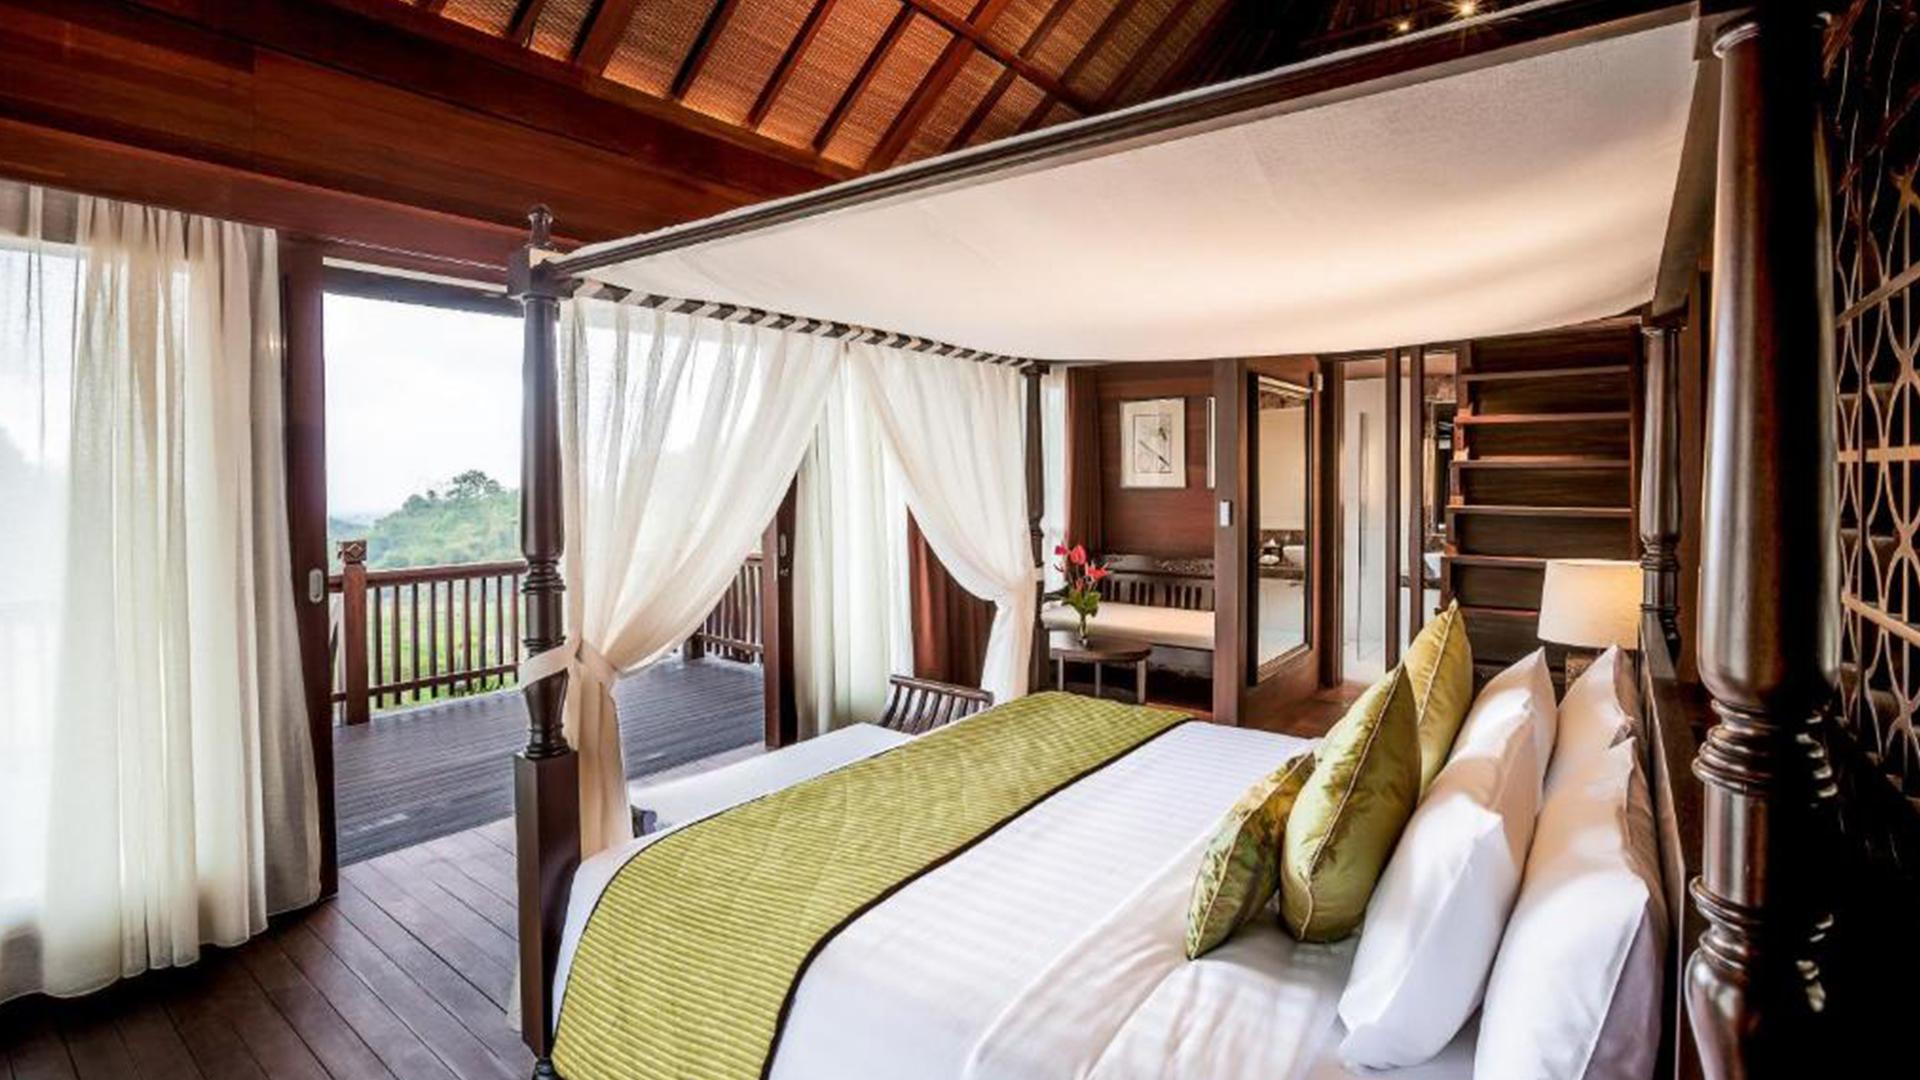 Hilltop Villa image 1 at Saranam Resort & Spa by Kabupaten Tabanan, Bali, Indonesia